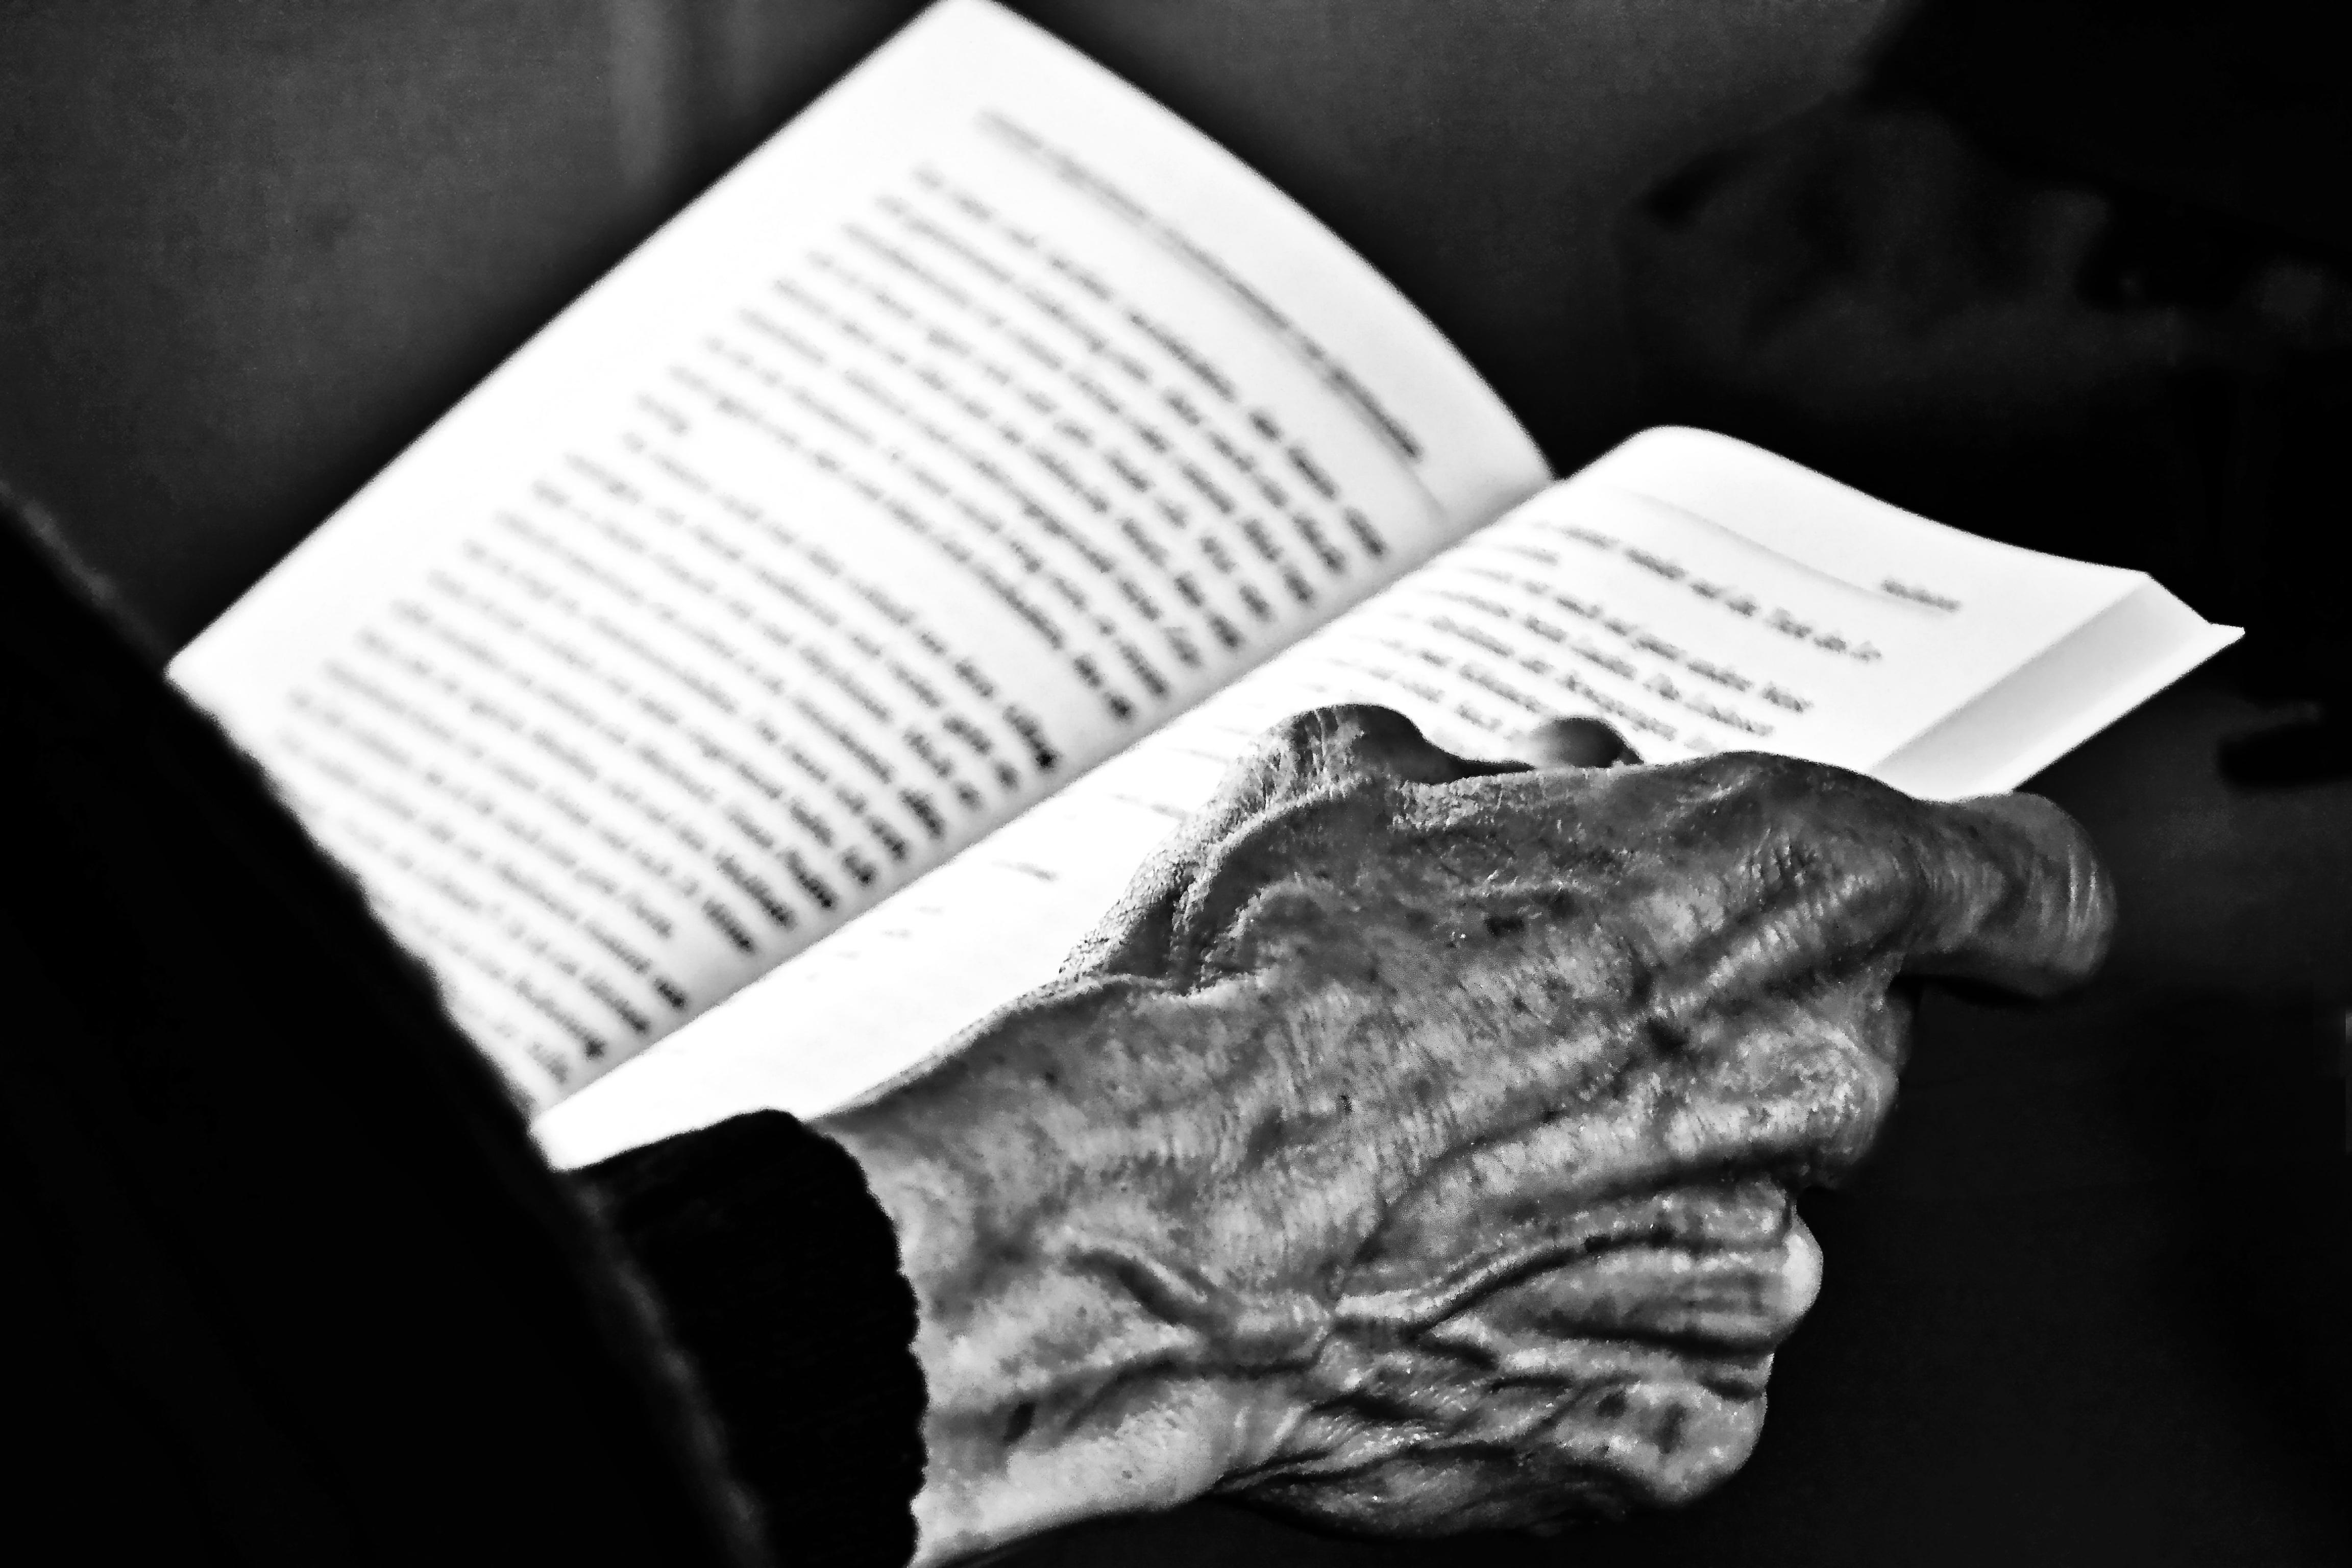 Fotos Gratis : Escritura, Mano, Leer, Persona, En Blanco Y